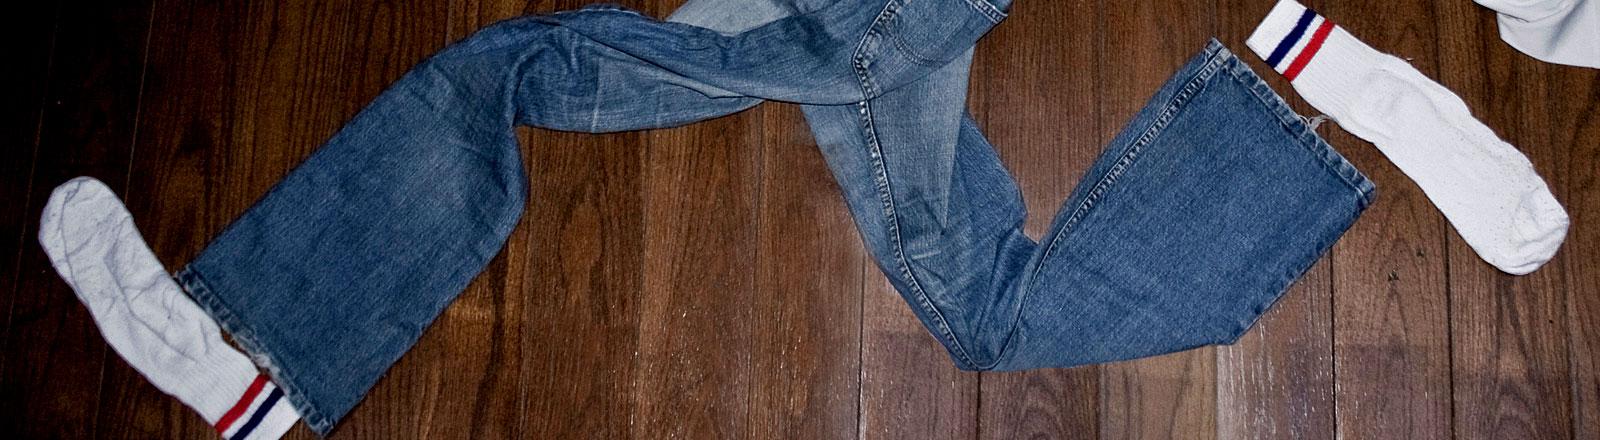 Eine Stonewashed-Jeans mit weißen Socken.